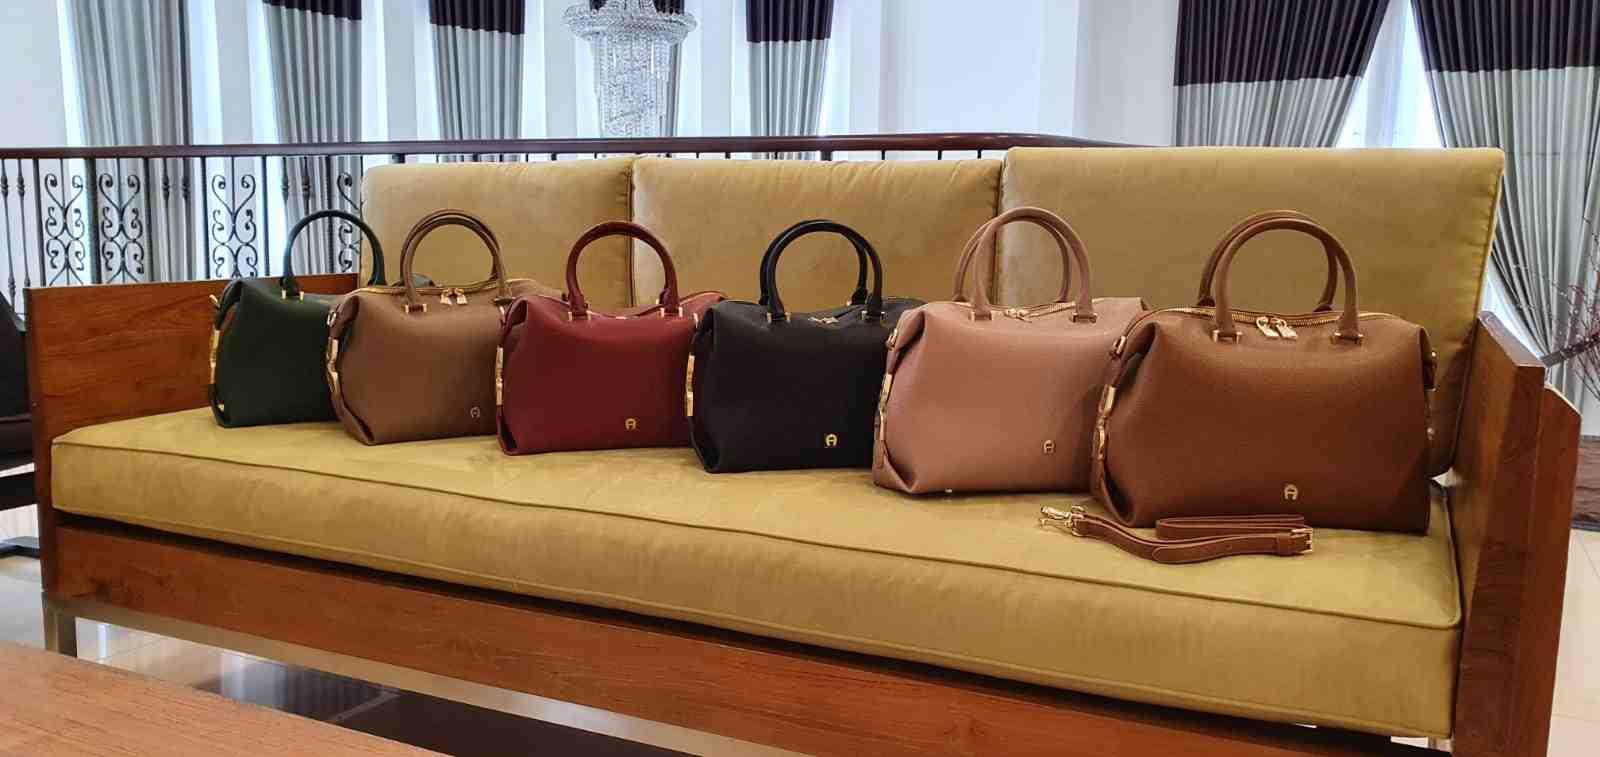 Tas Aigner Roma Terbaru 2021 2022 Handtasche Handbags 20260